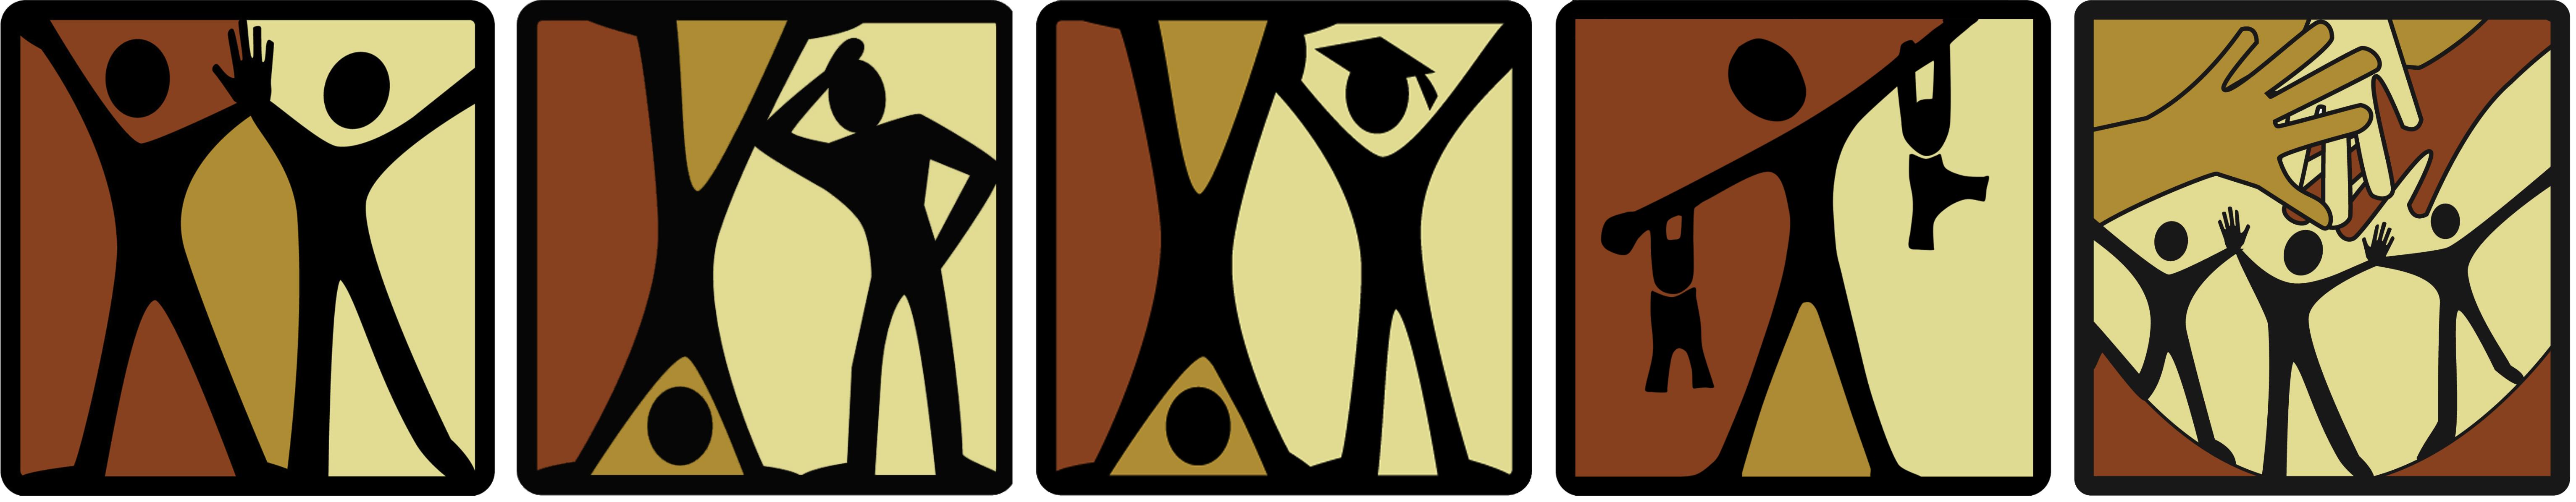 Logos Spektrum Akademie